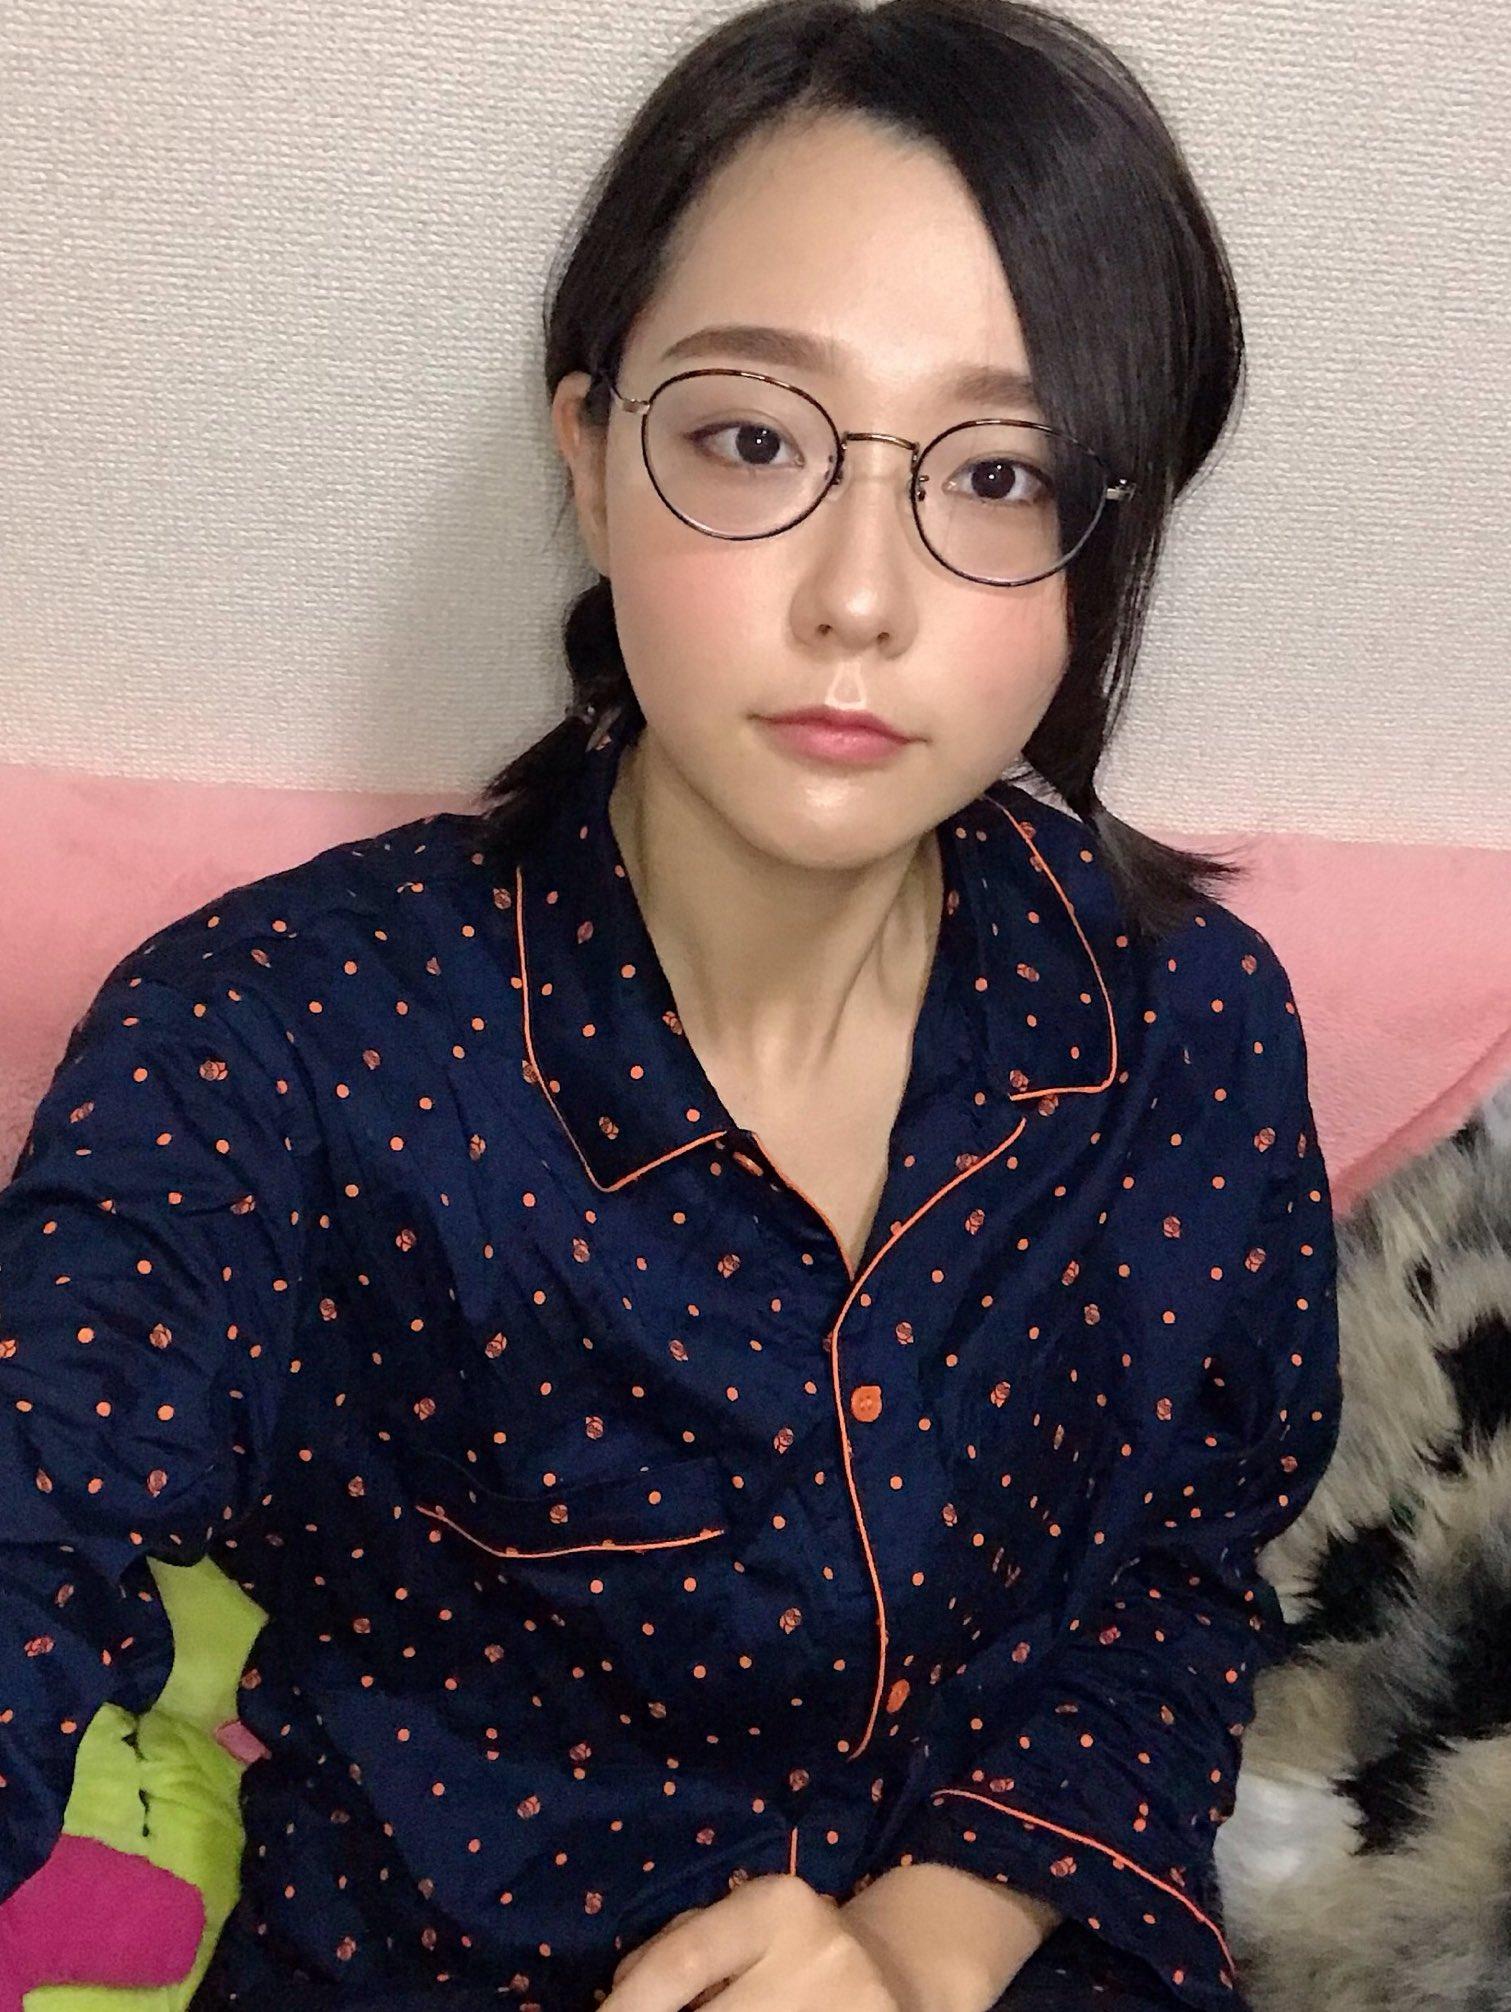 眼镜日 眼镜娘 ahekokoko0527 1179000012576980997_p1